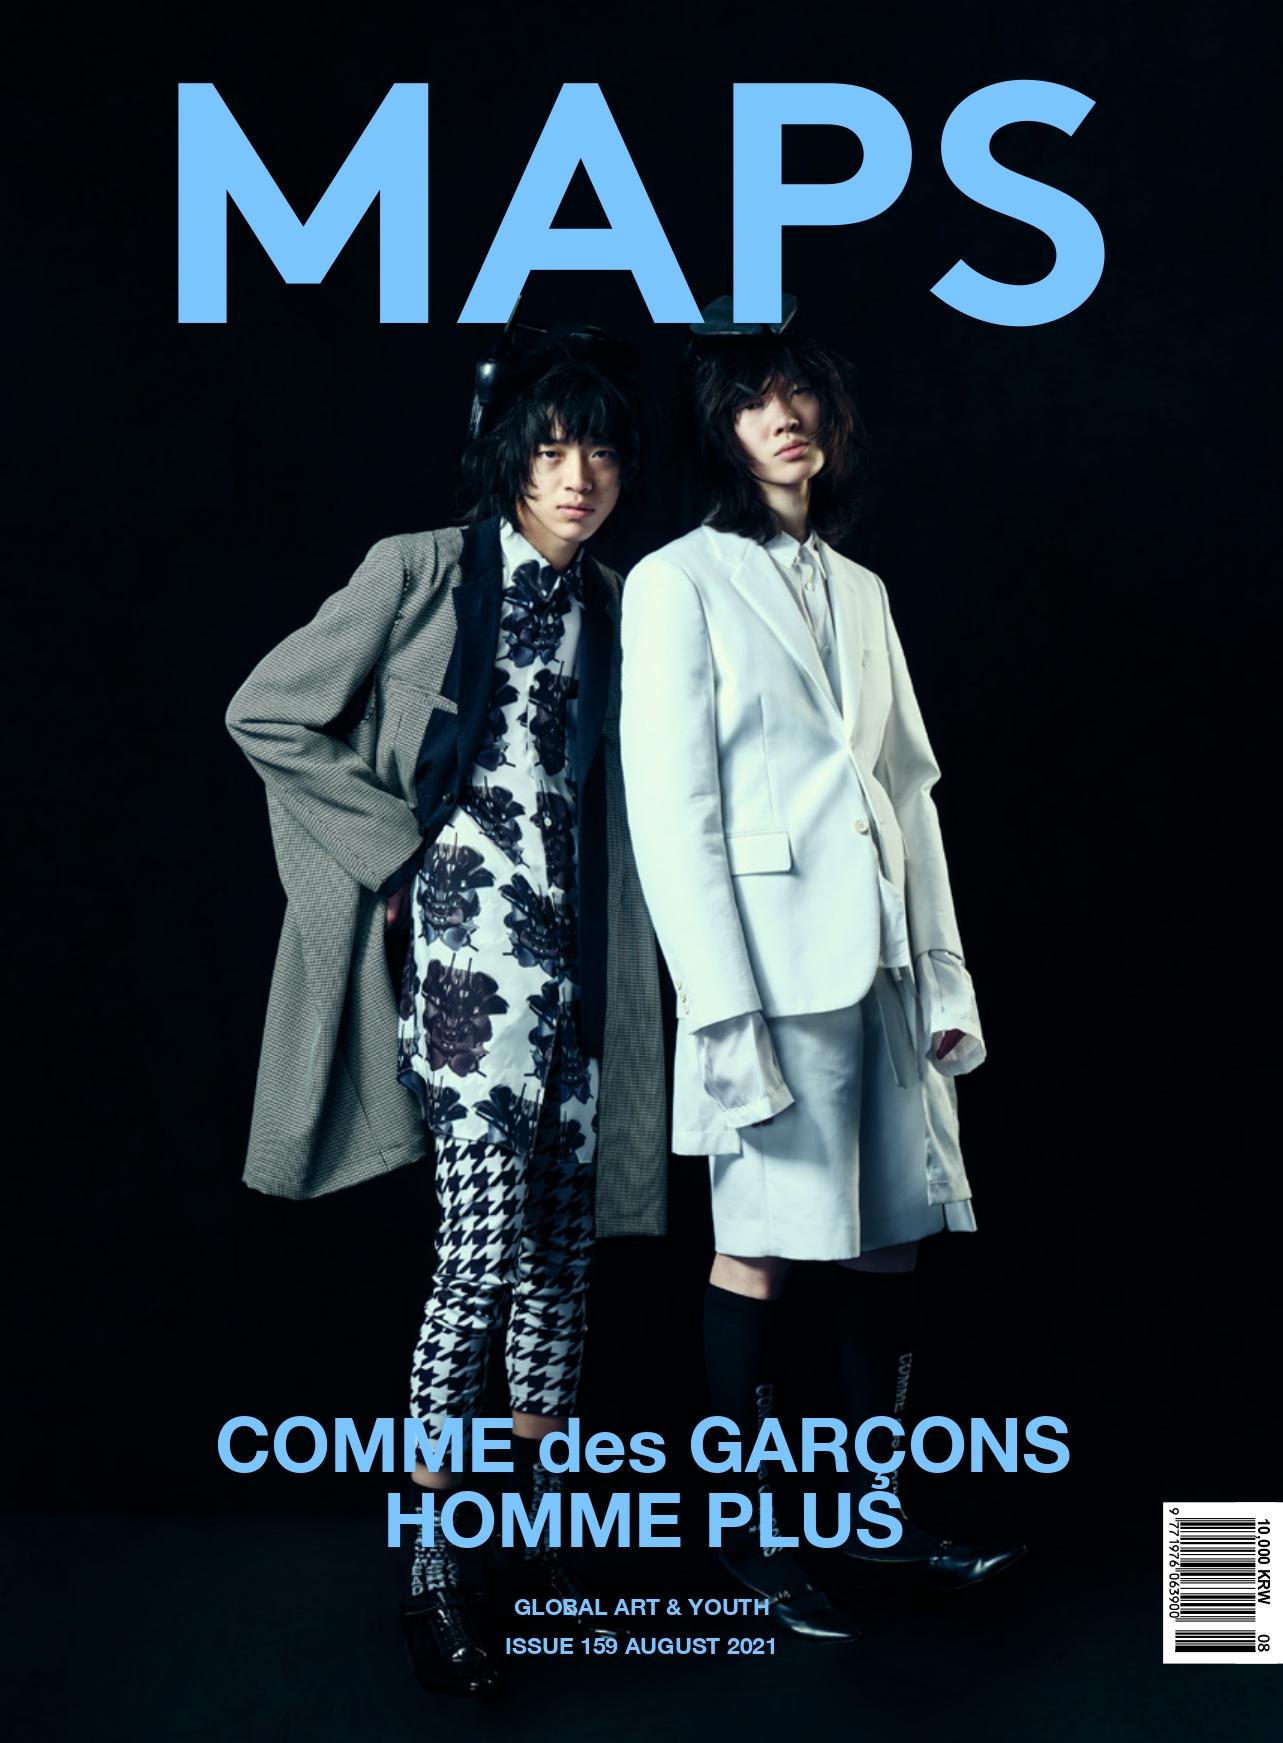 MAPS magazine – Comme des Garçons Homme Plus  KEN YOSHIMURA HAIR